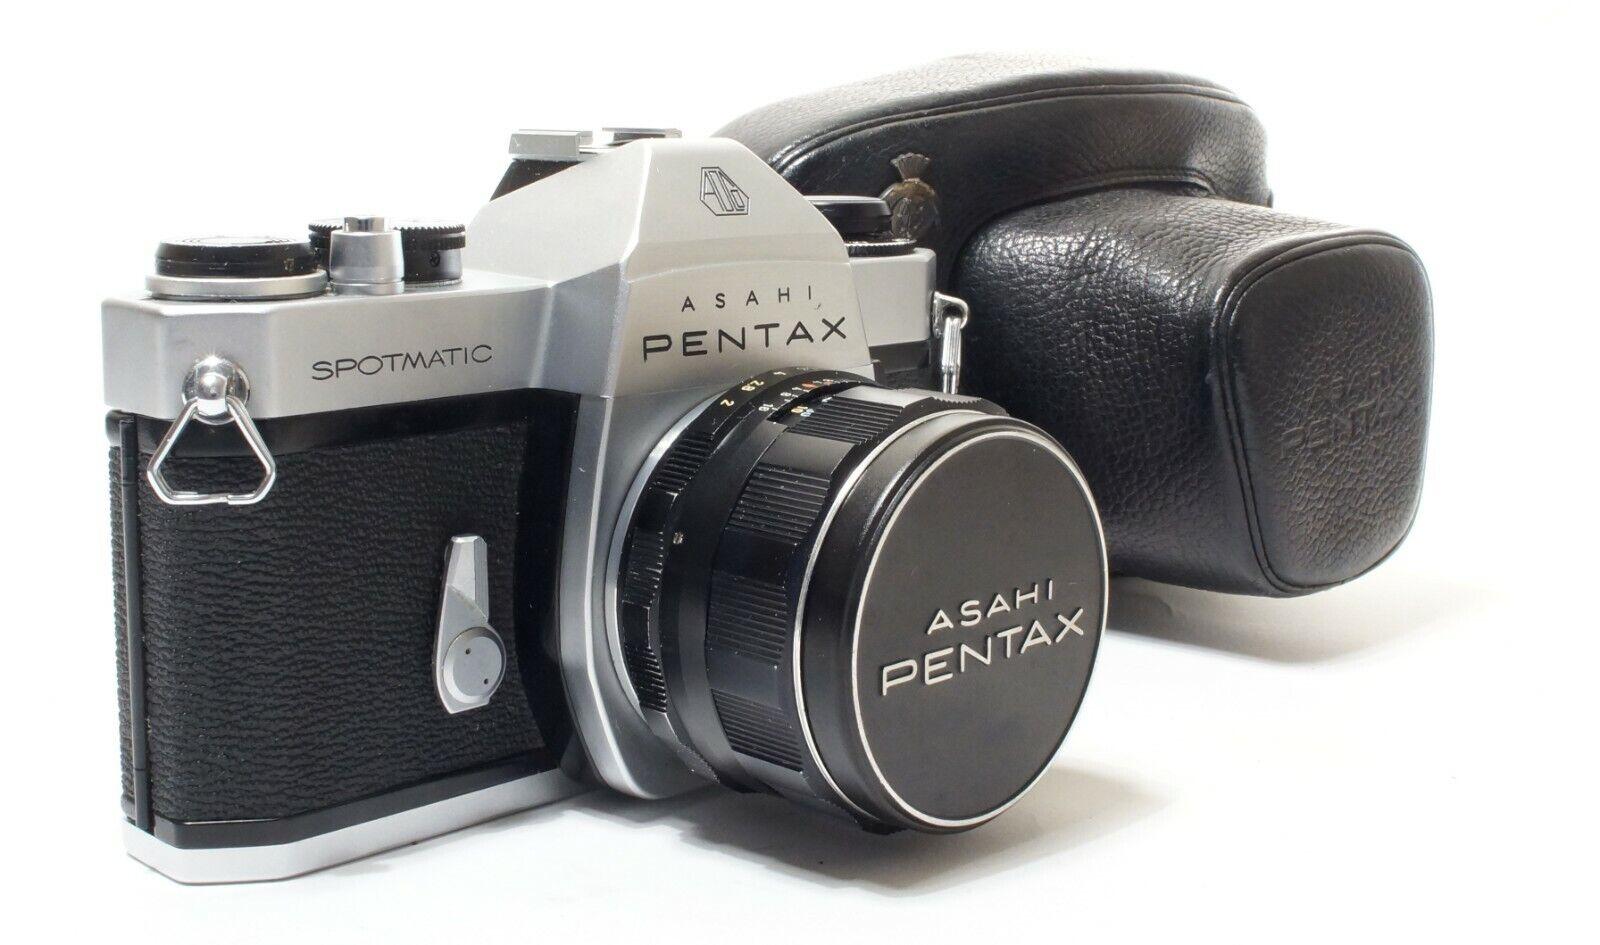 Asahi Pentax SPII 35mm SLR Camera + Pentax Takumar F2/55mm Lens + Case - Nice!